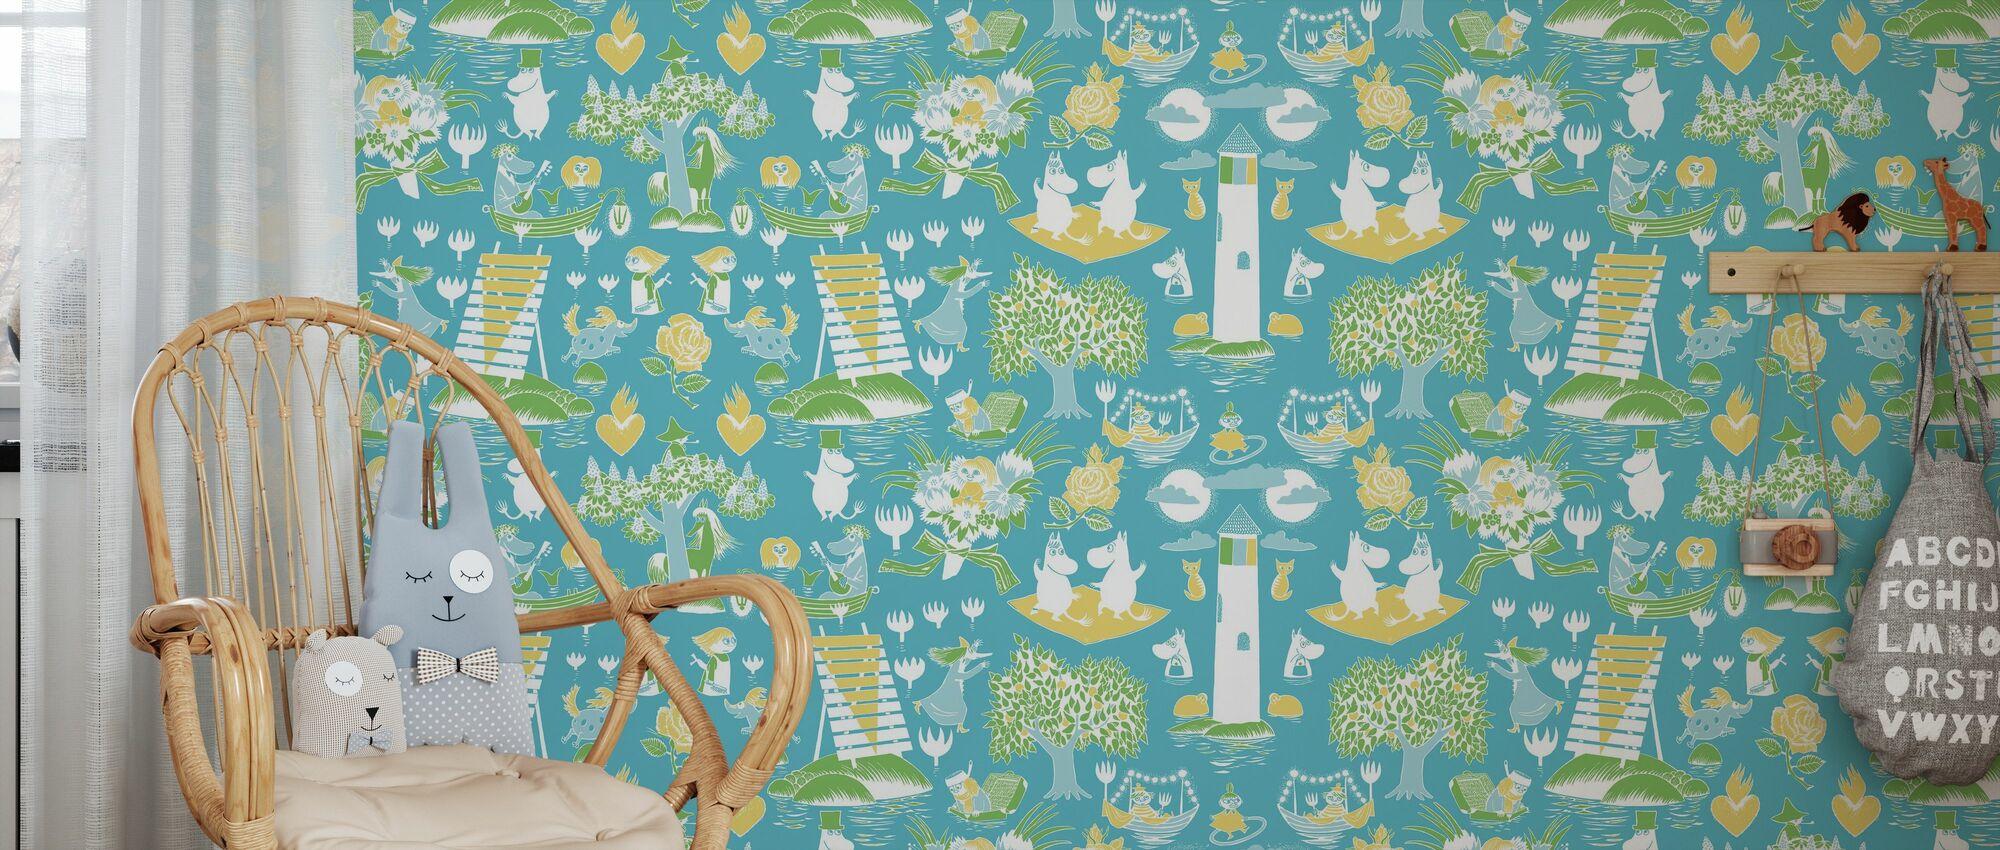 Muumi Retro Pattern - Sininen & Vihreä - Tapetti - Lastenhuone